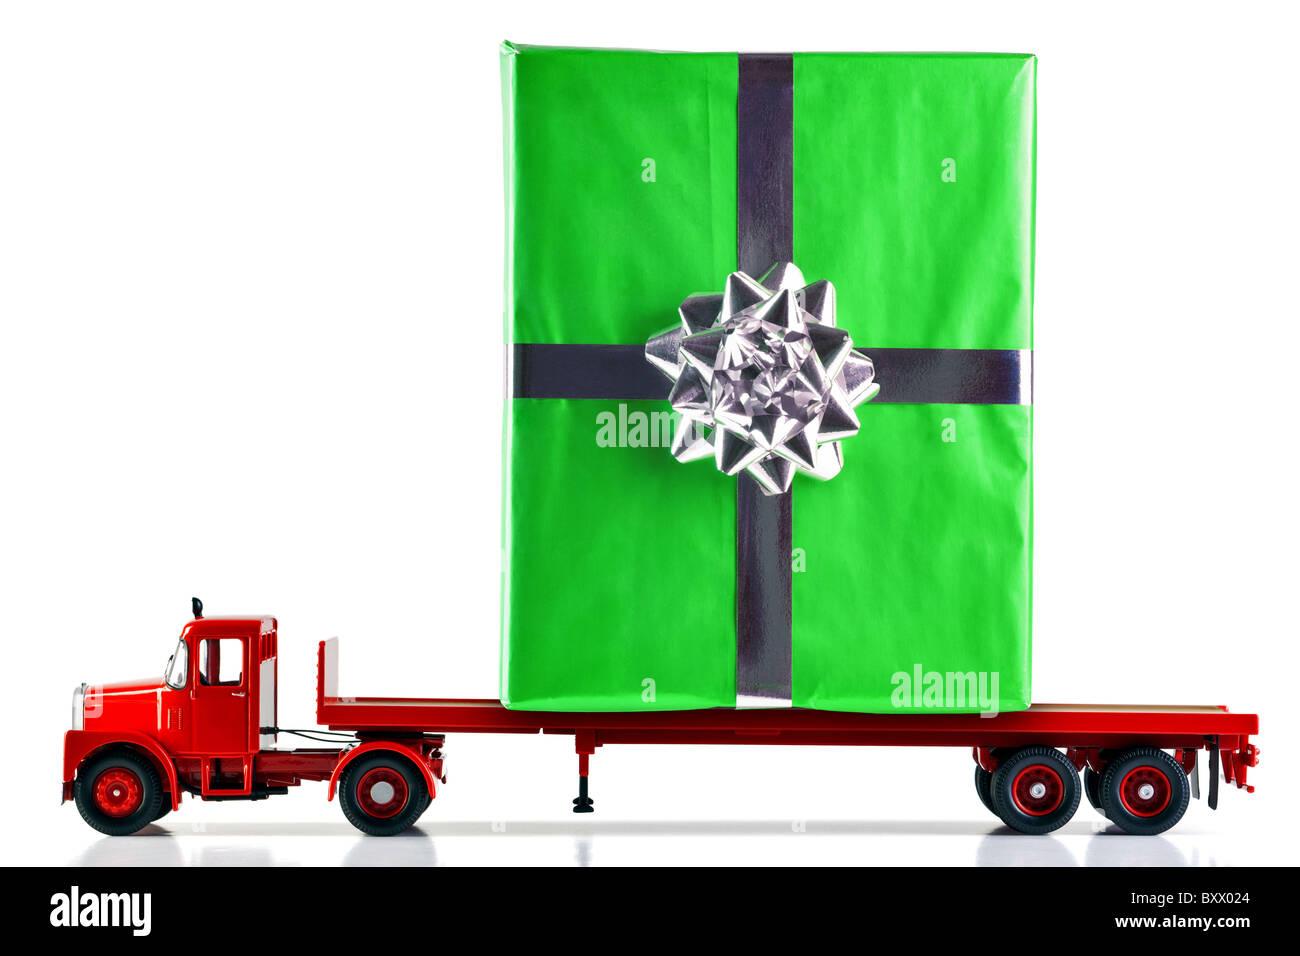 A gift wrapped present livré sur un plateau camion. Isolé sur un fond blanc. Camion est un modèle. Photo Stock